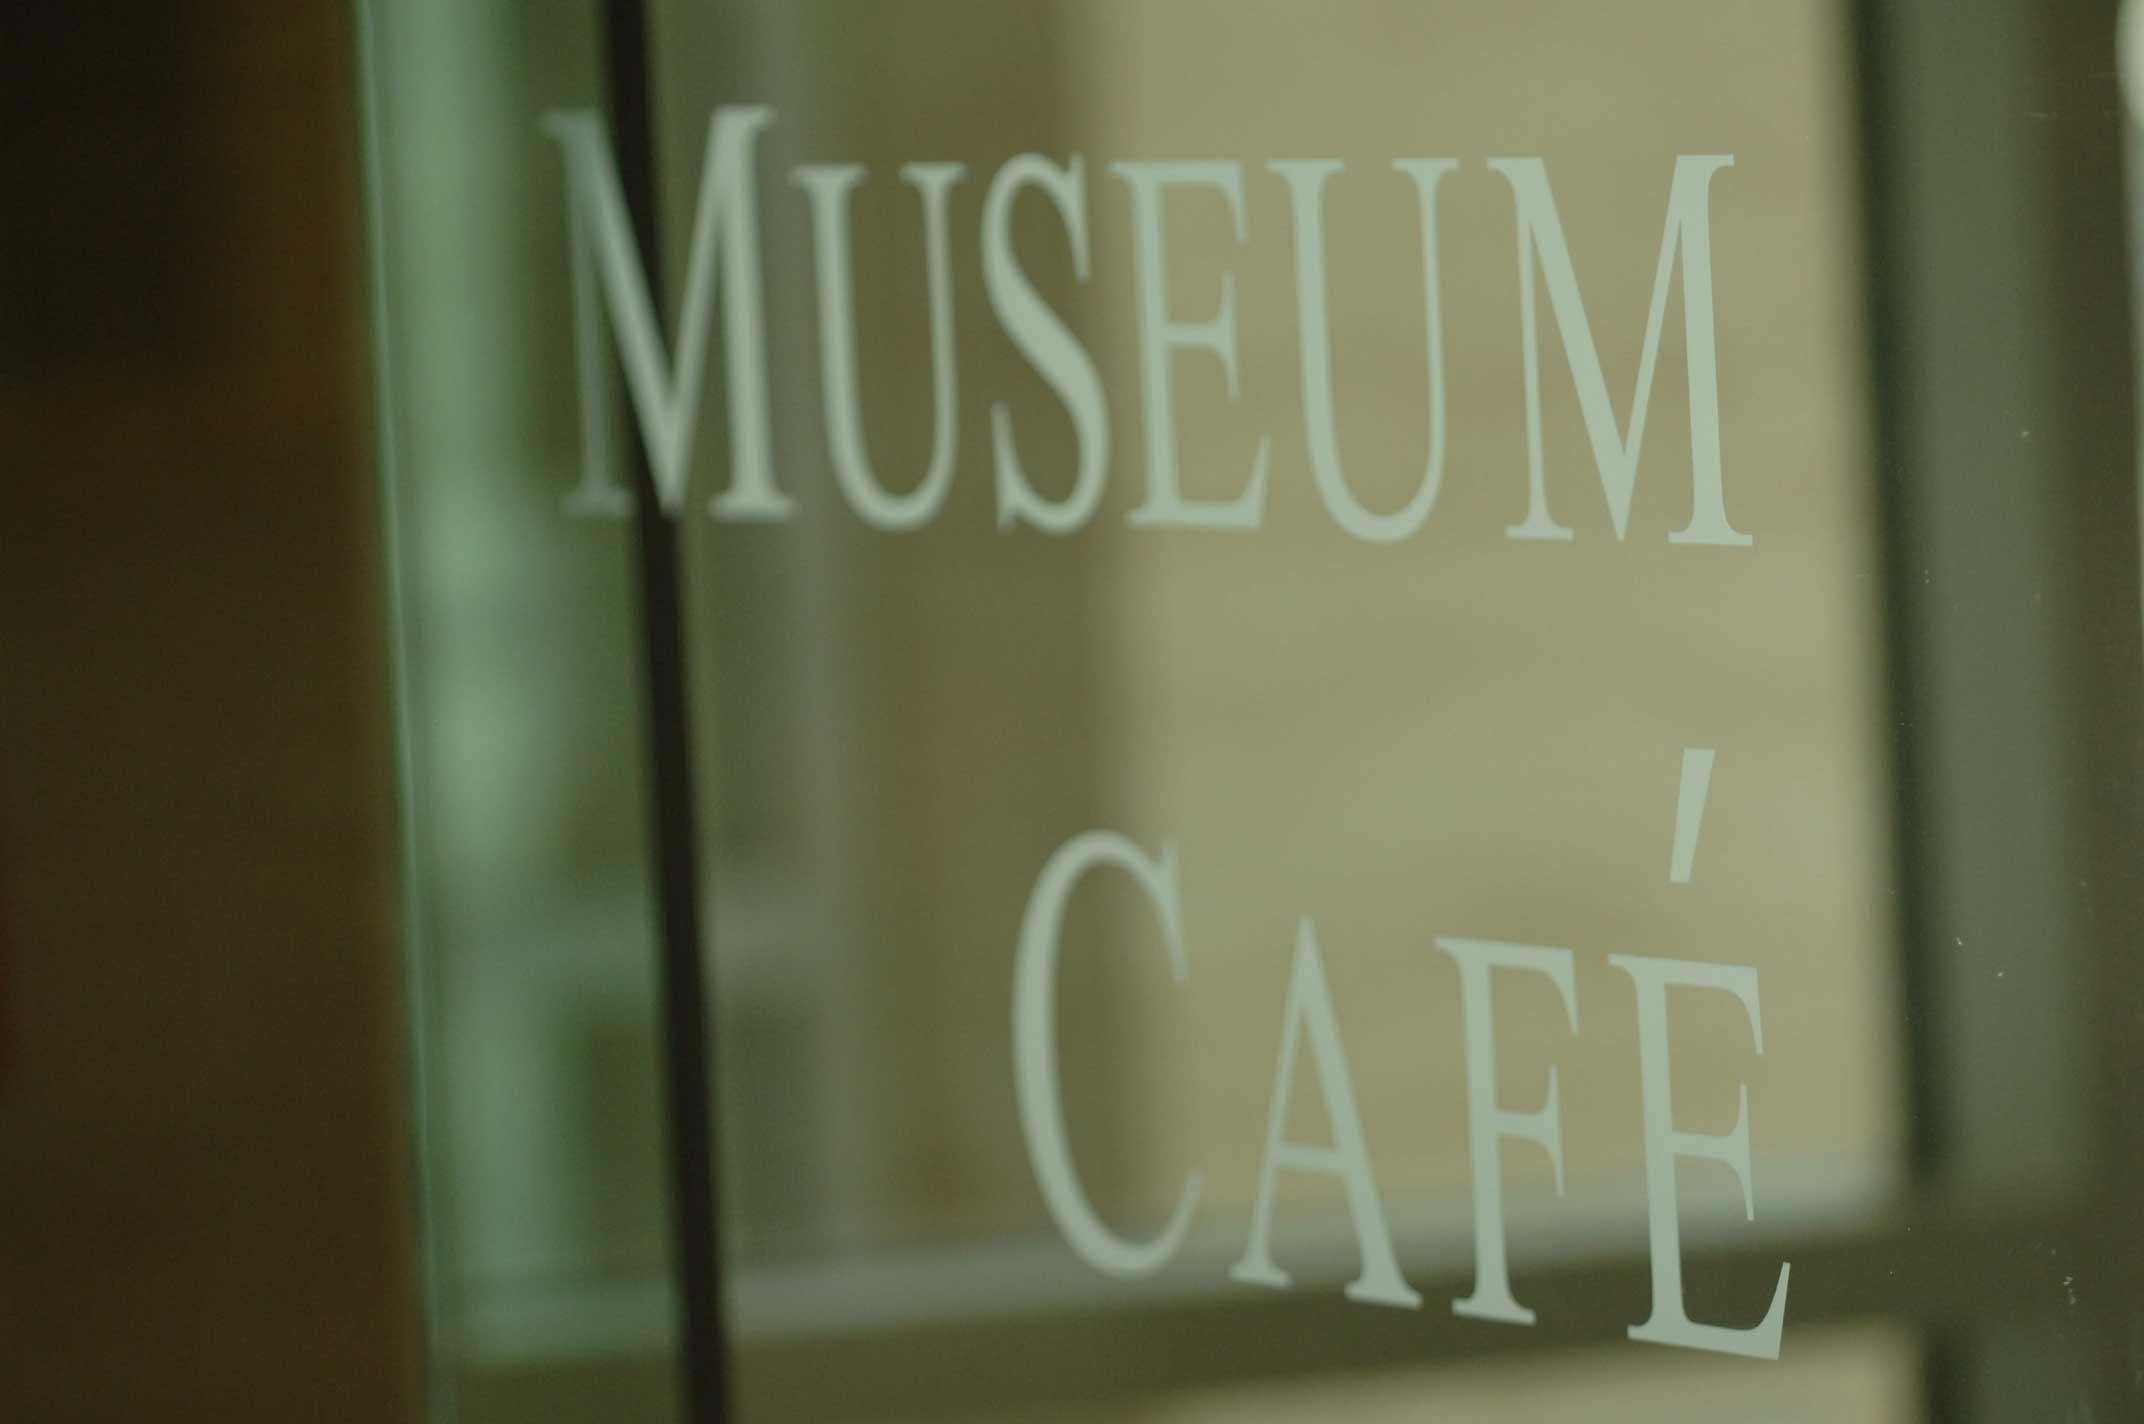 Glass door of museum cafe